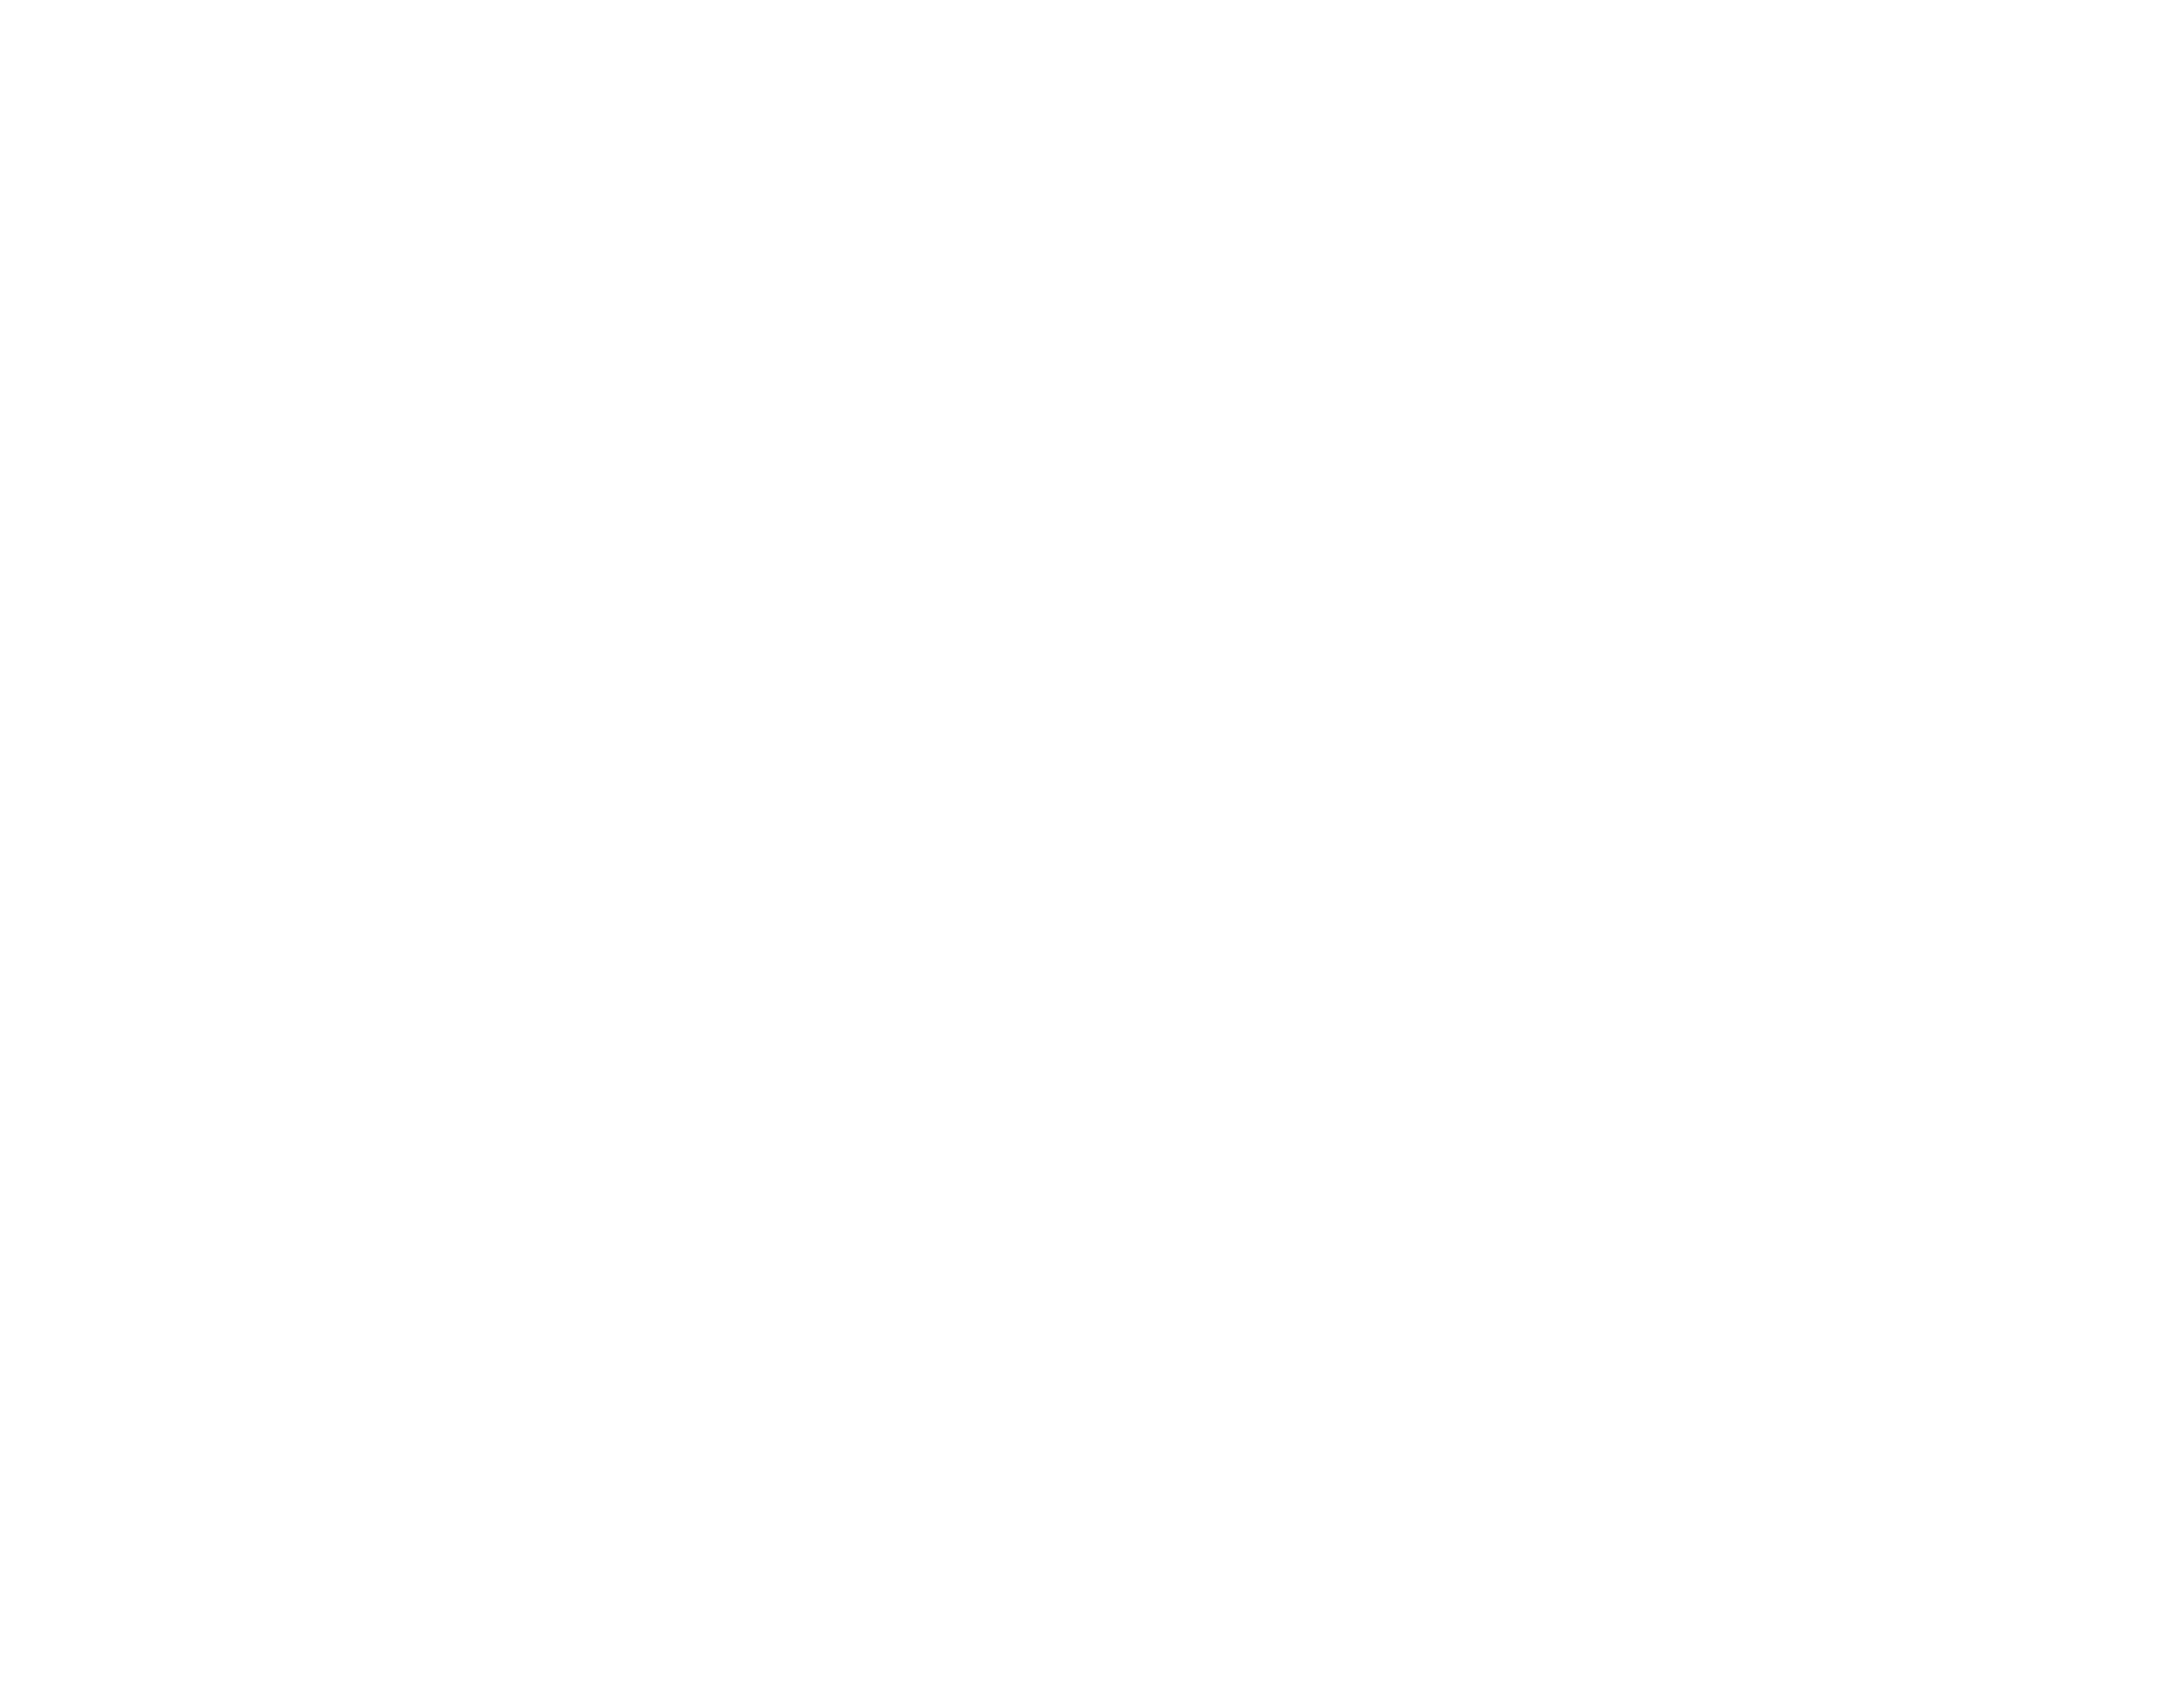 Dafzo.io